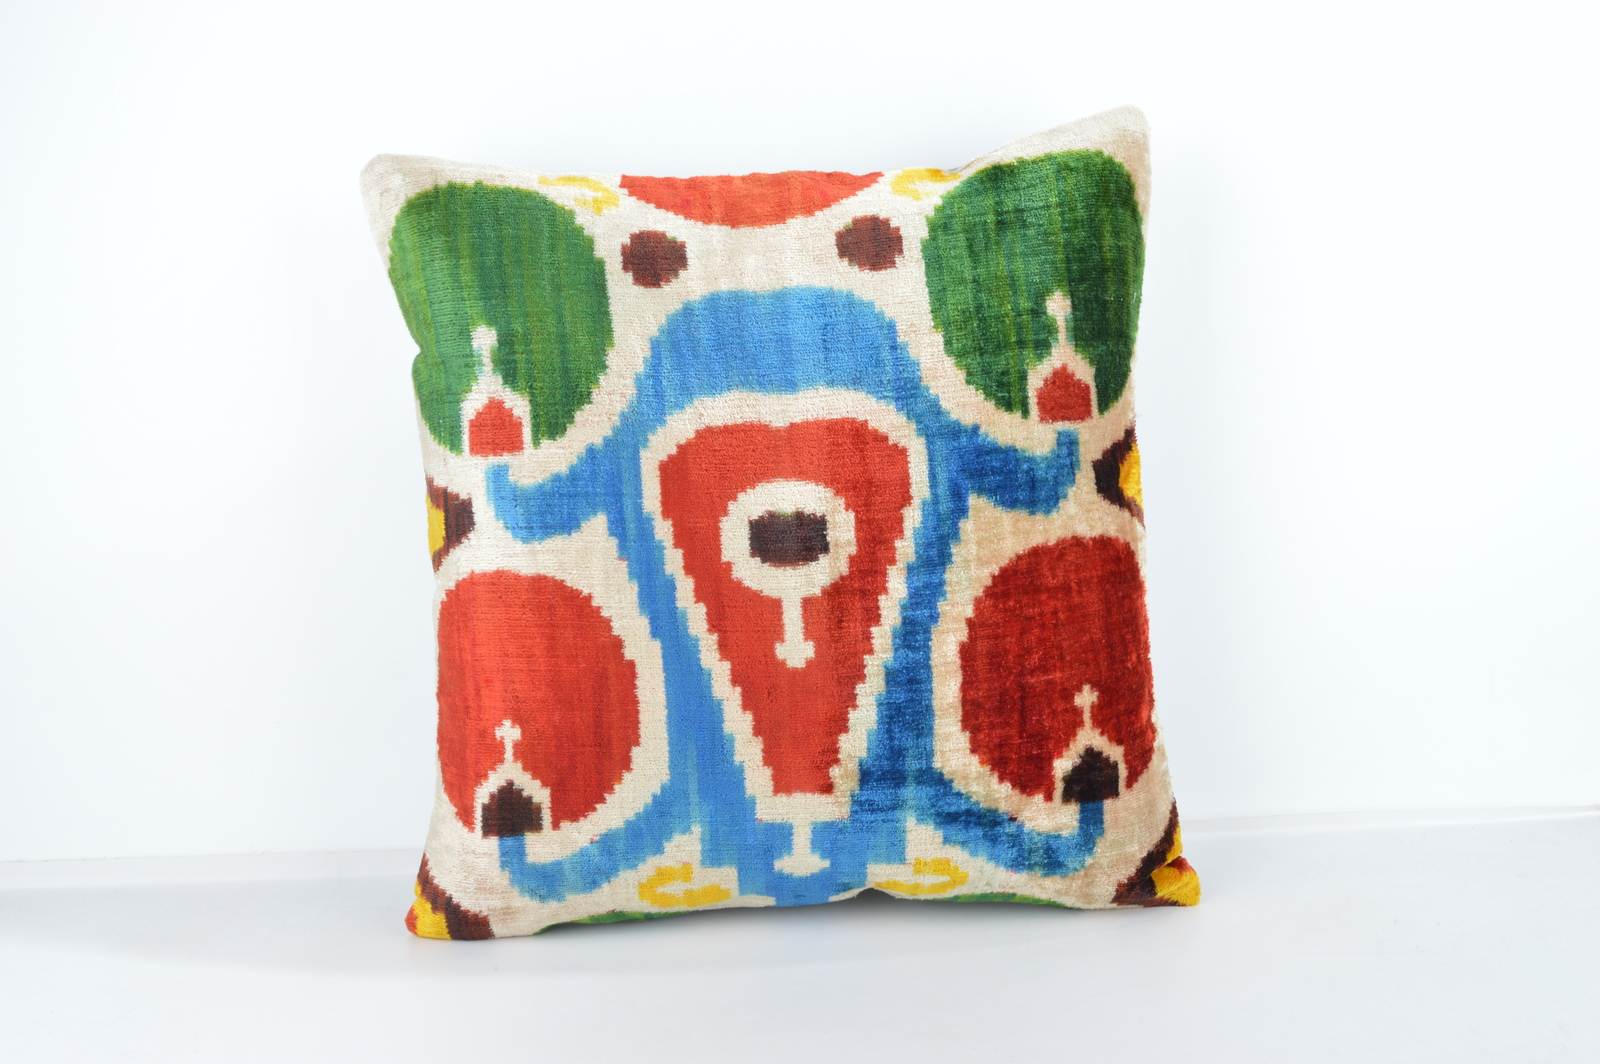 16x16 Ikat pillows Decorative ıkat pillow  pillow ikat silk pillow 16x16 inch